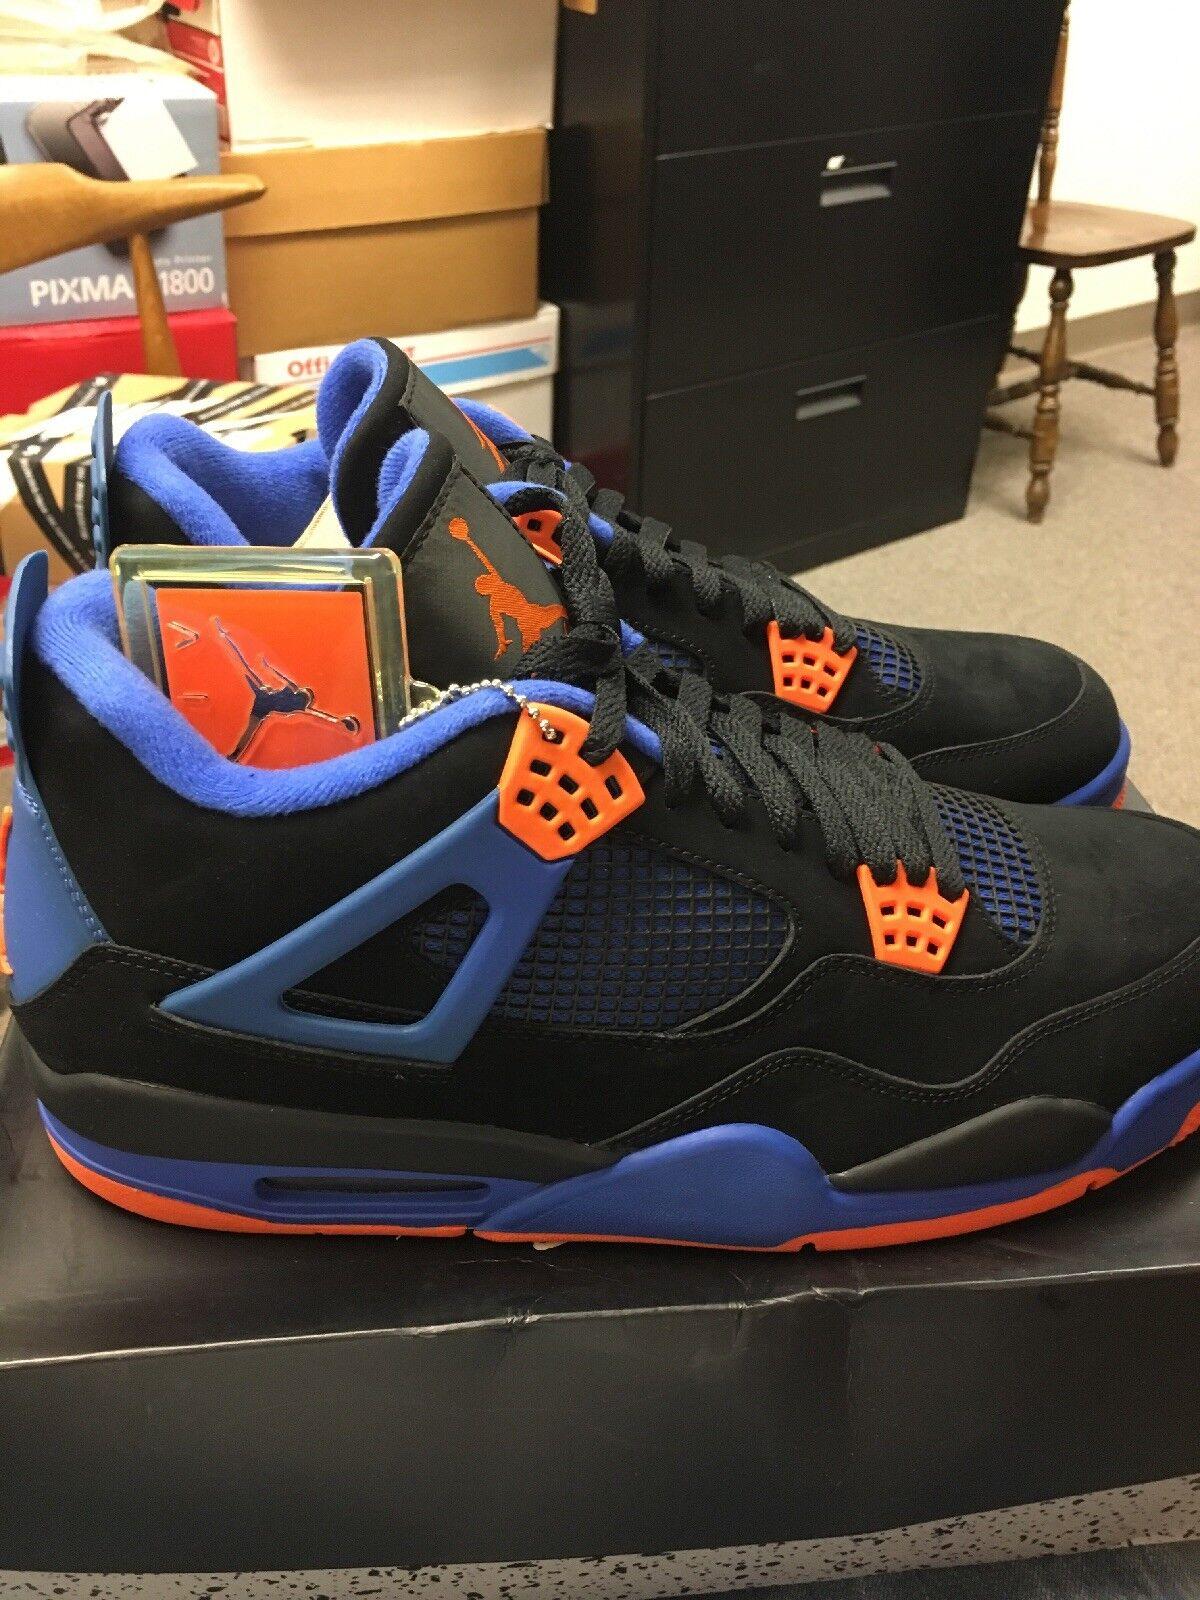 Nike Air Jordan Iv DS 12 Knicks Cavs